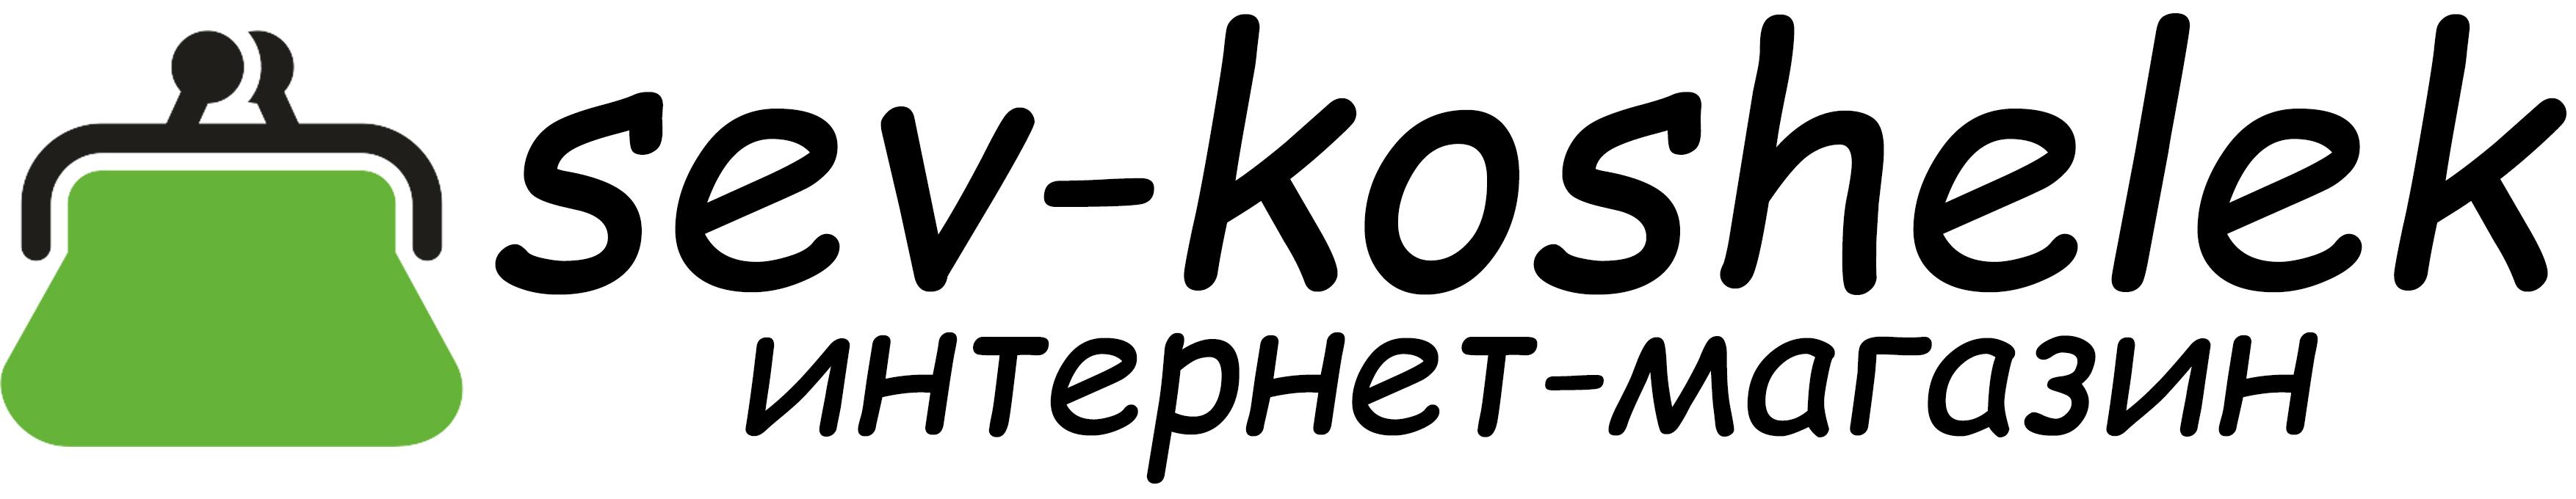 https://sev-koshelek.ru